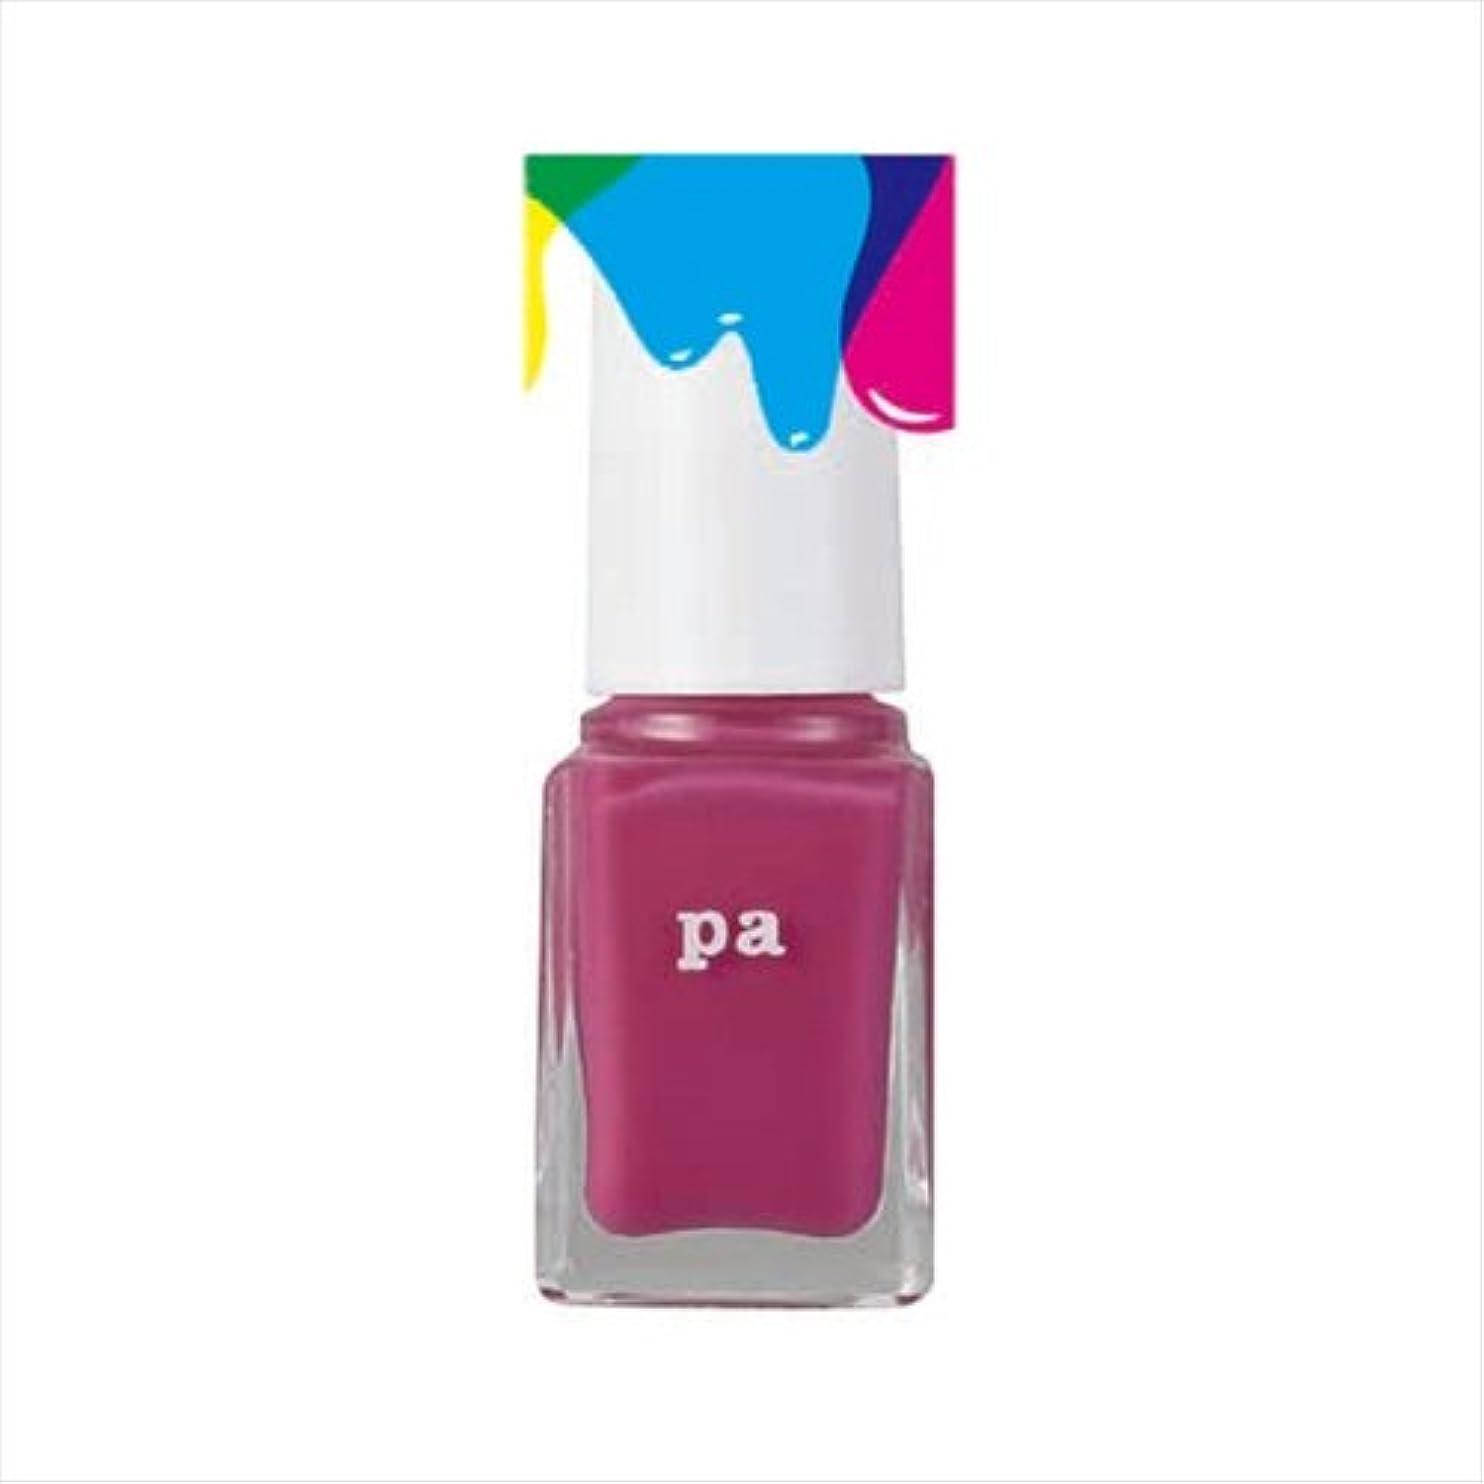 間違いペレット純粋にpa ネイルカラープレミア AA143 (6mL)